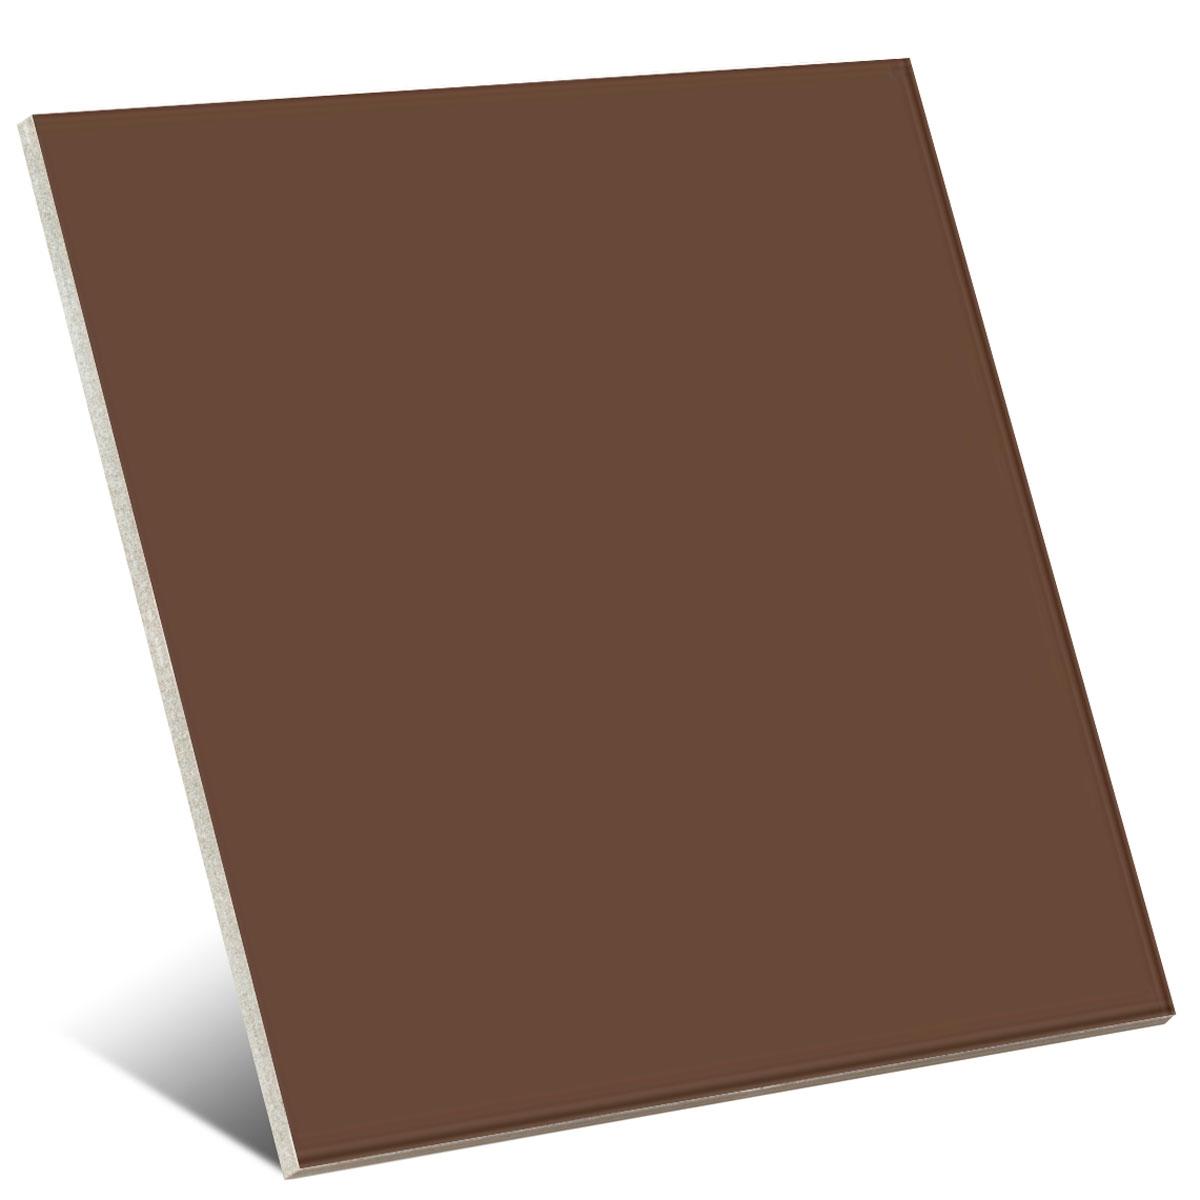 Color Café Brillo 20x20 cm (caja 1 m2)